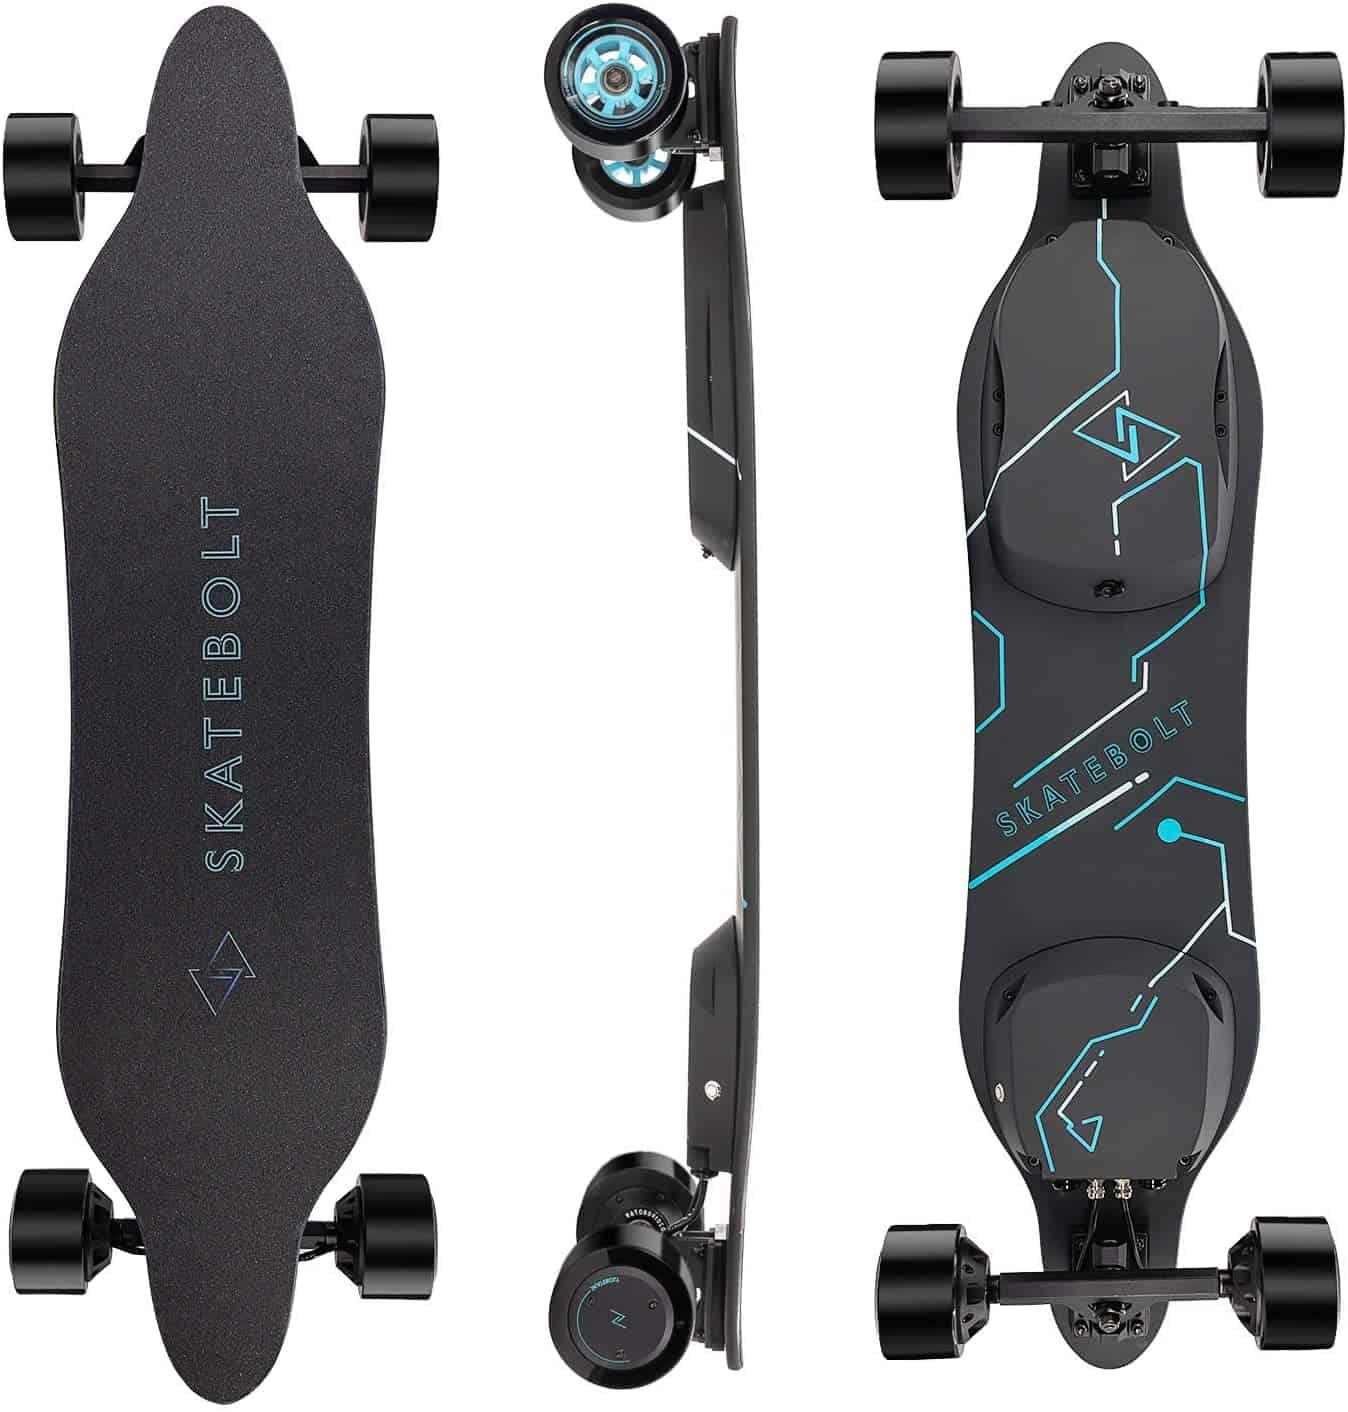 Best Dual Motor Electric Skateboard 2020